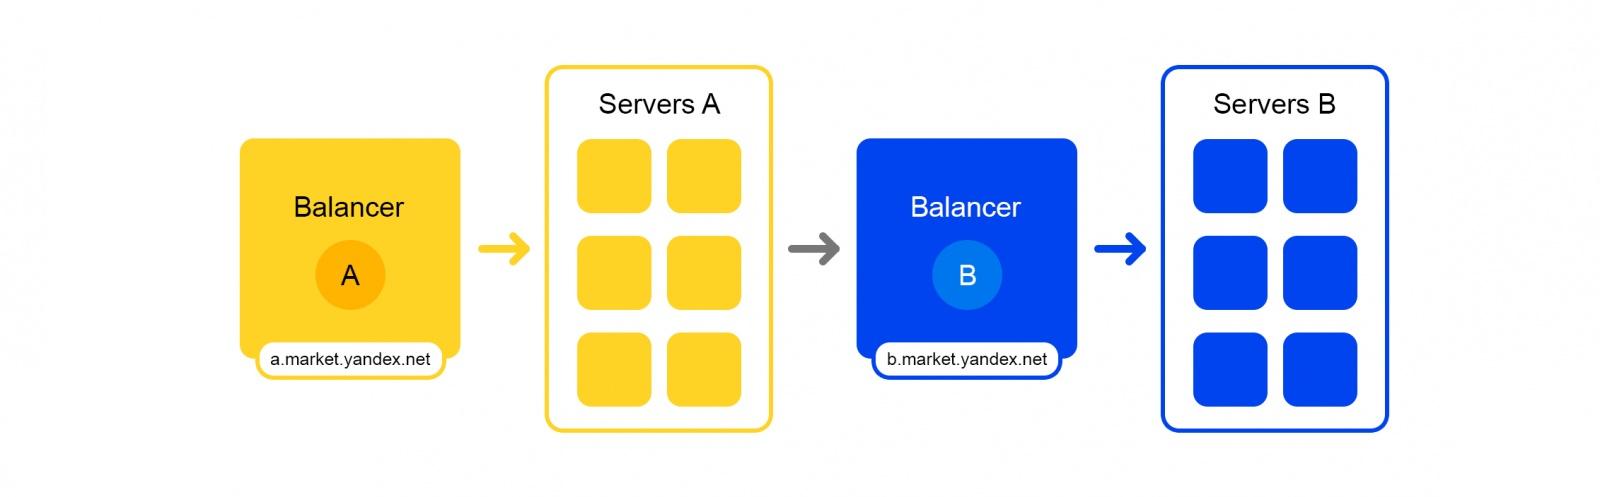 Как устроен поиск Яндекс.Маркета и что будет, если упадёт один из серверов - 5